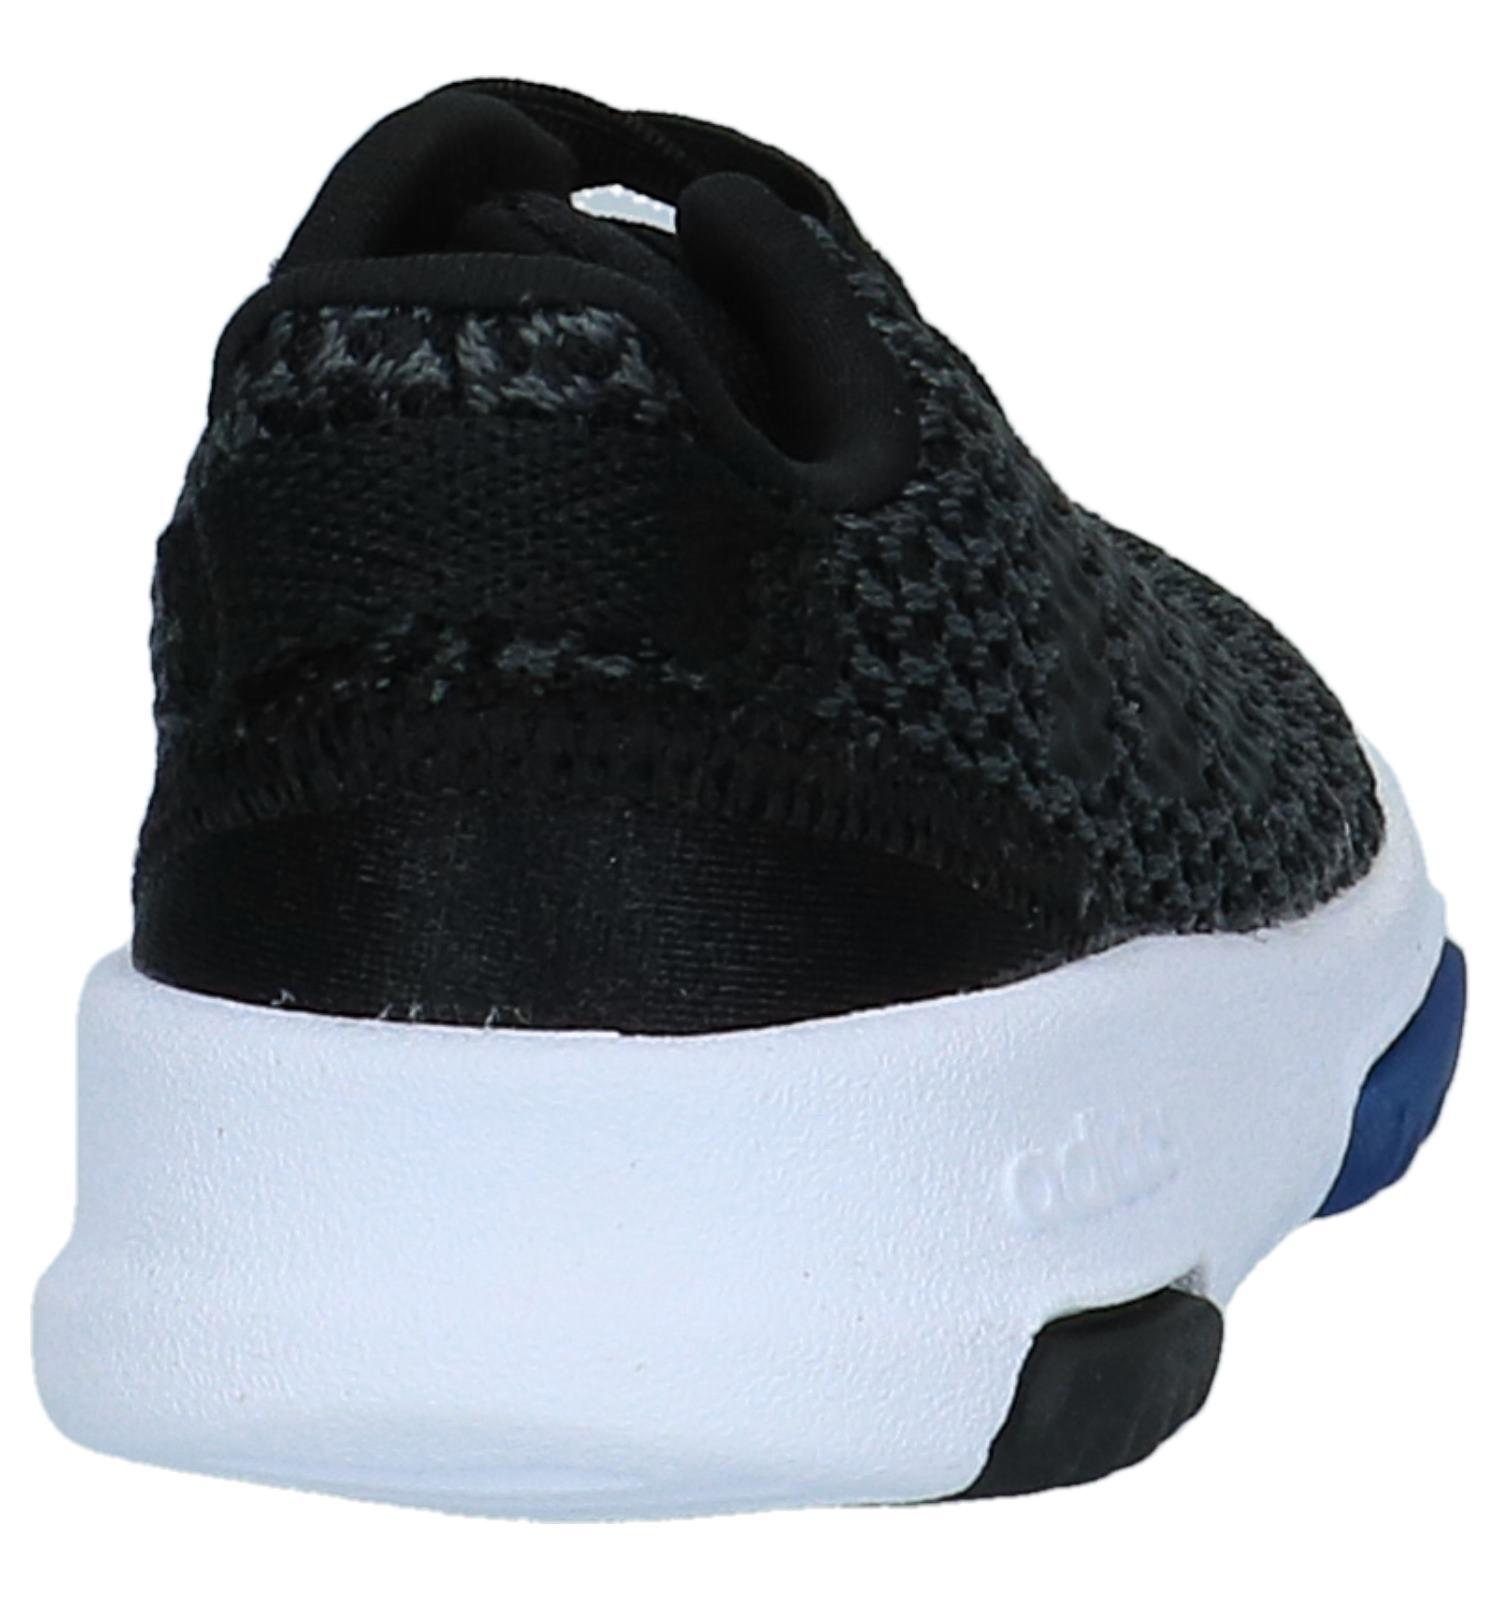 1b4e78a547f Grijze Sneakertjes adidas Racer TR Inf | TORFS.BE | Gratis verzend en retour